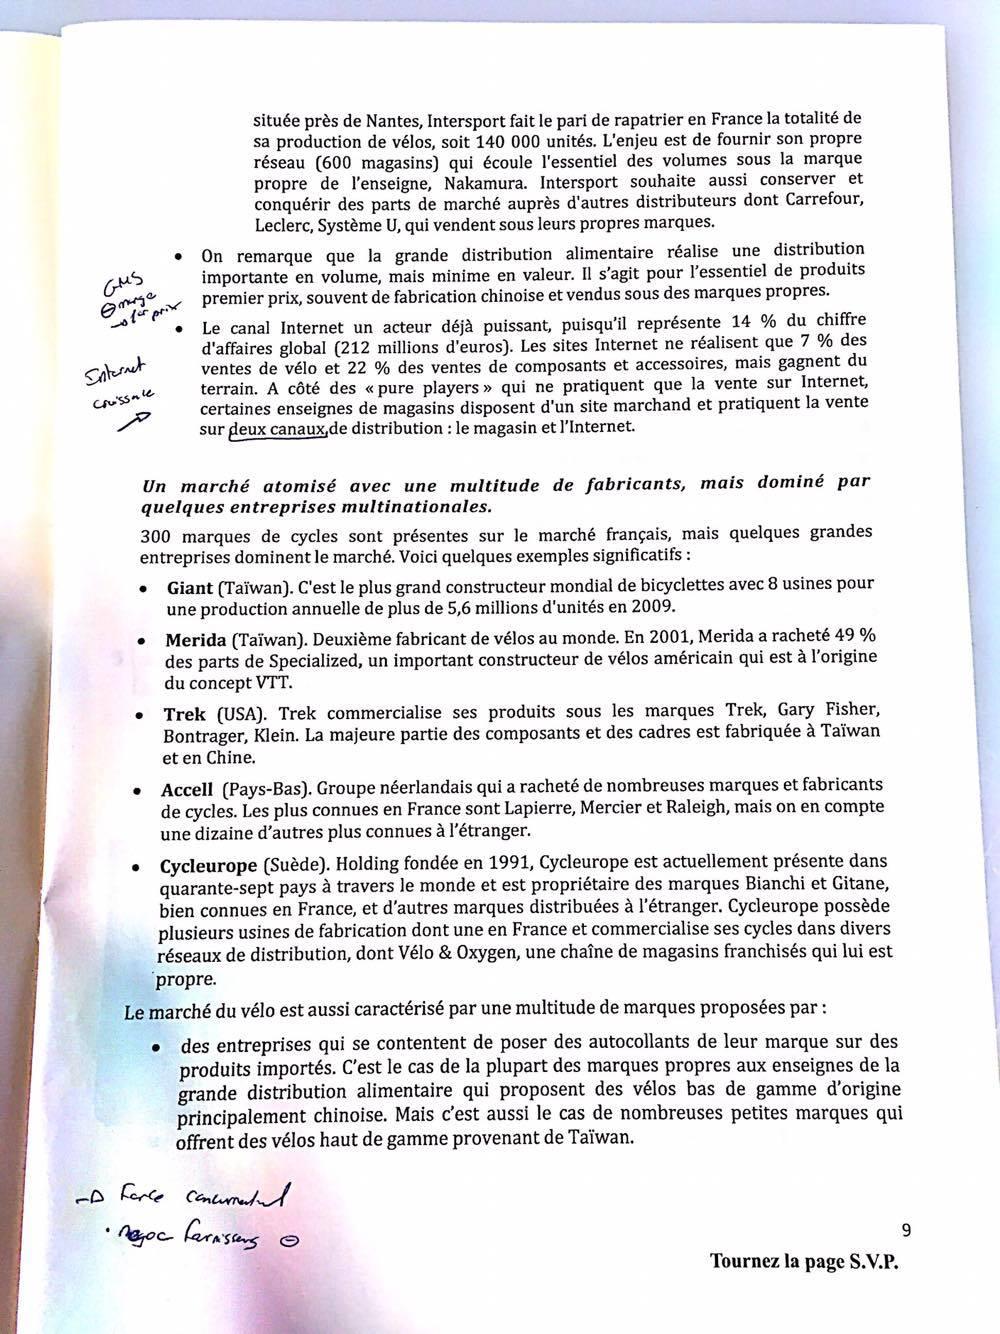 Management-Gestion EM Strasbourg - Page 9